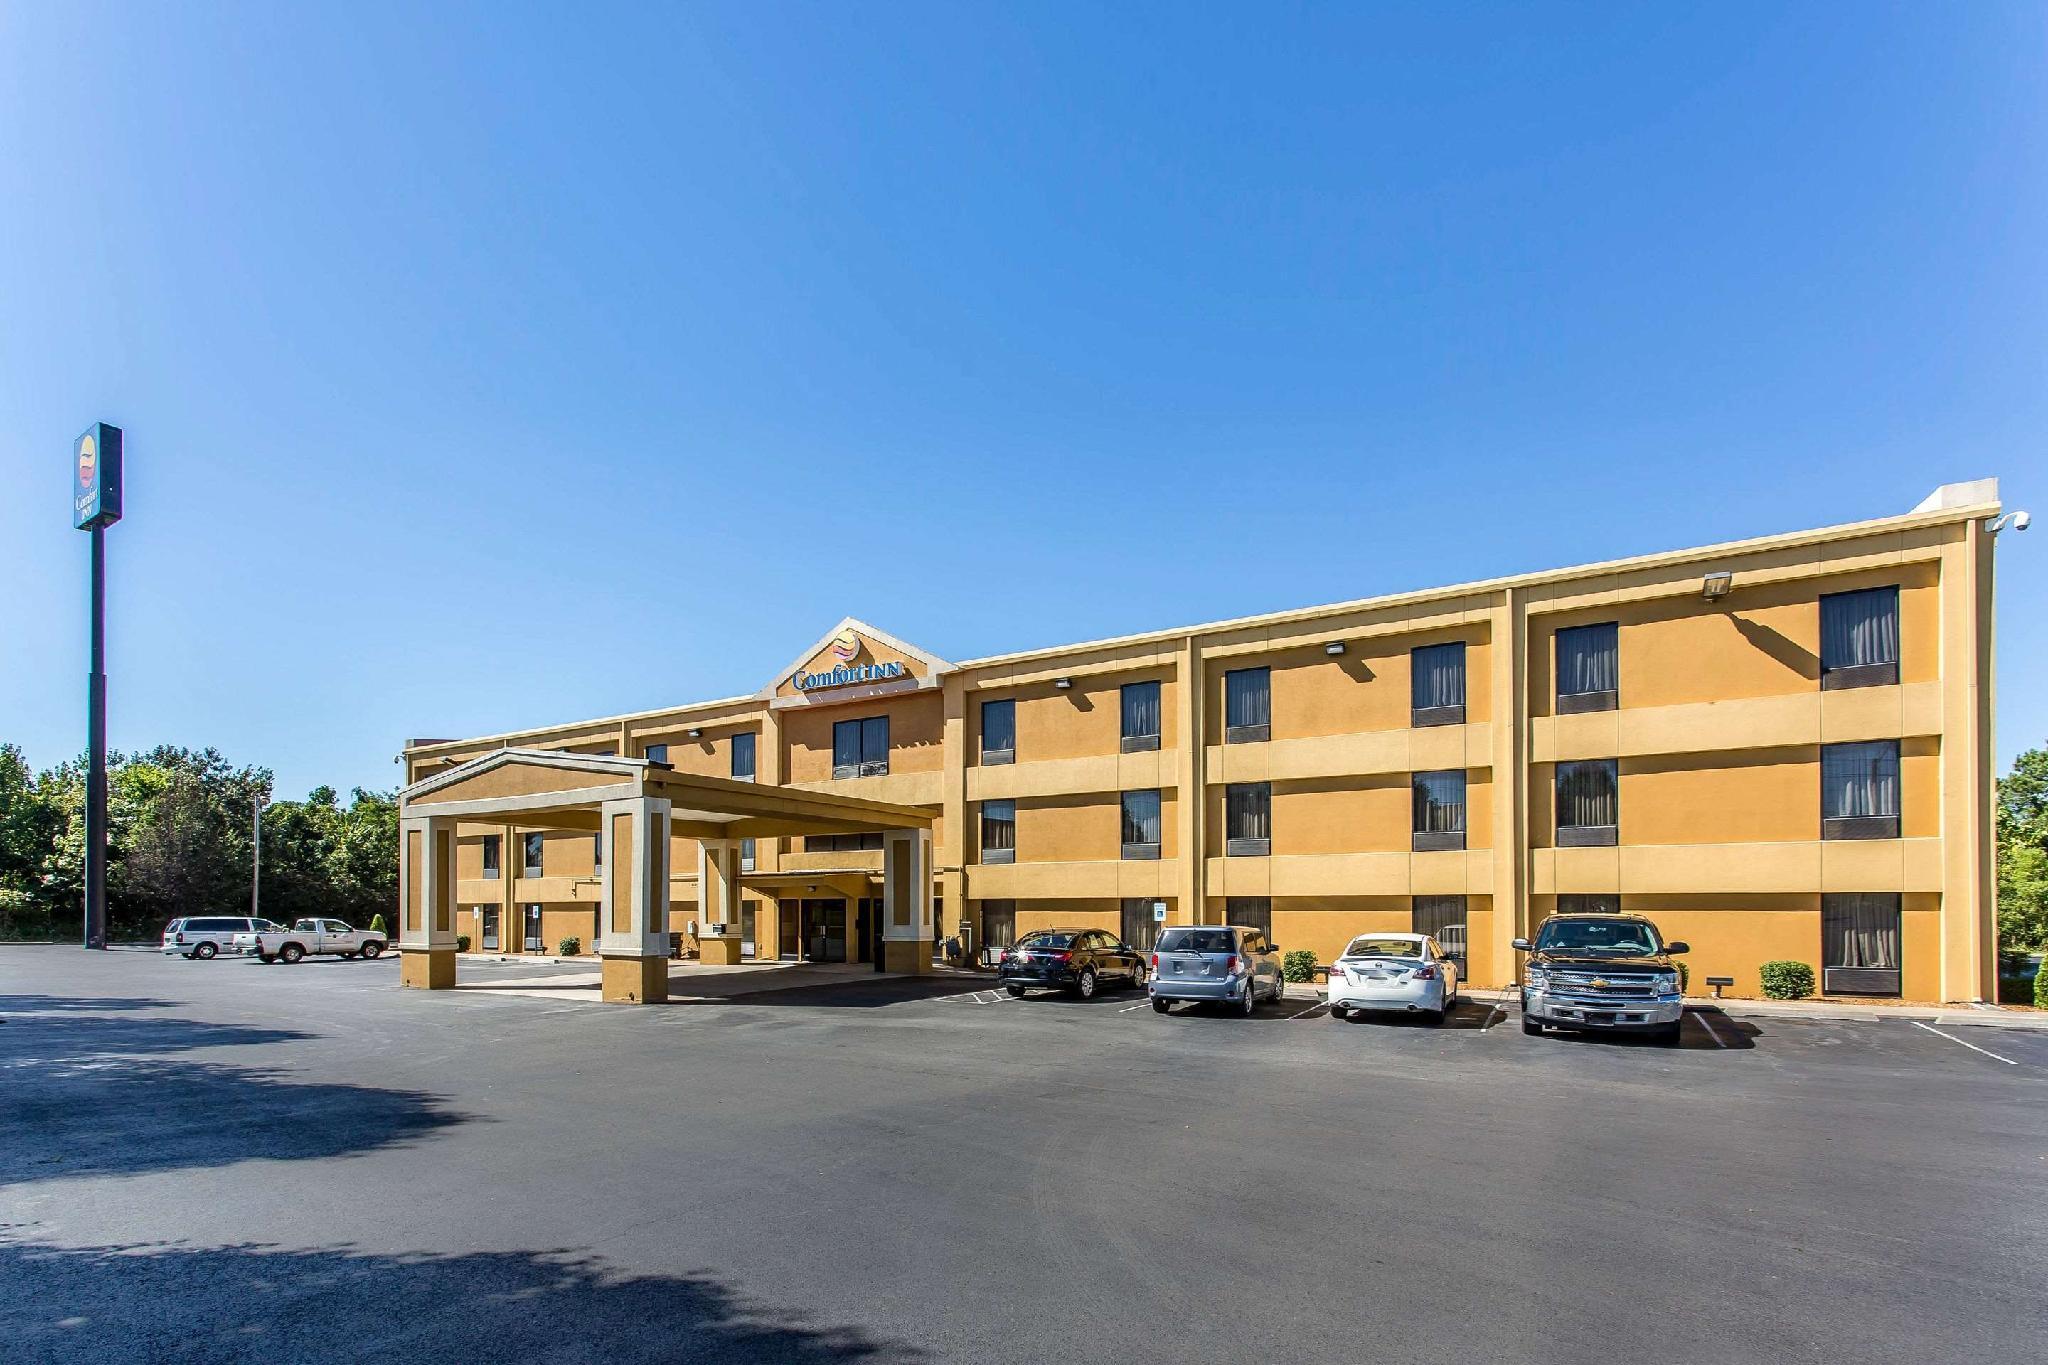 Comfort Inn Paducah I 24